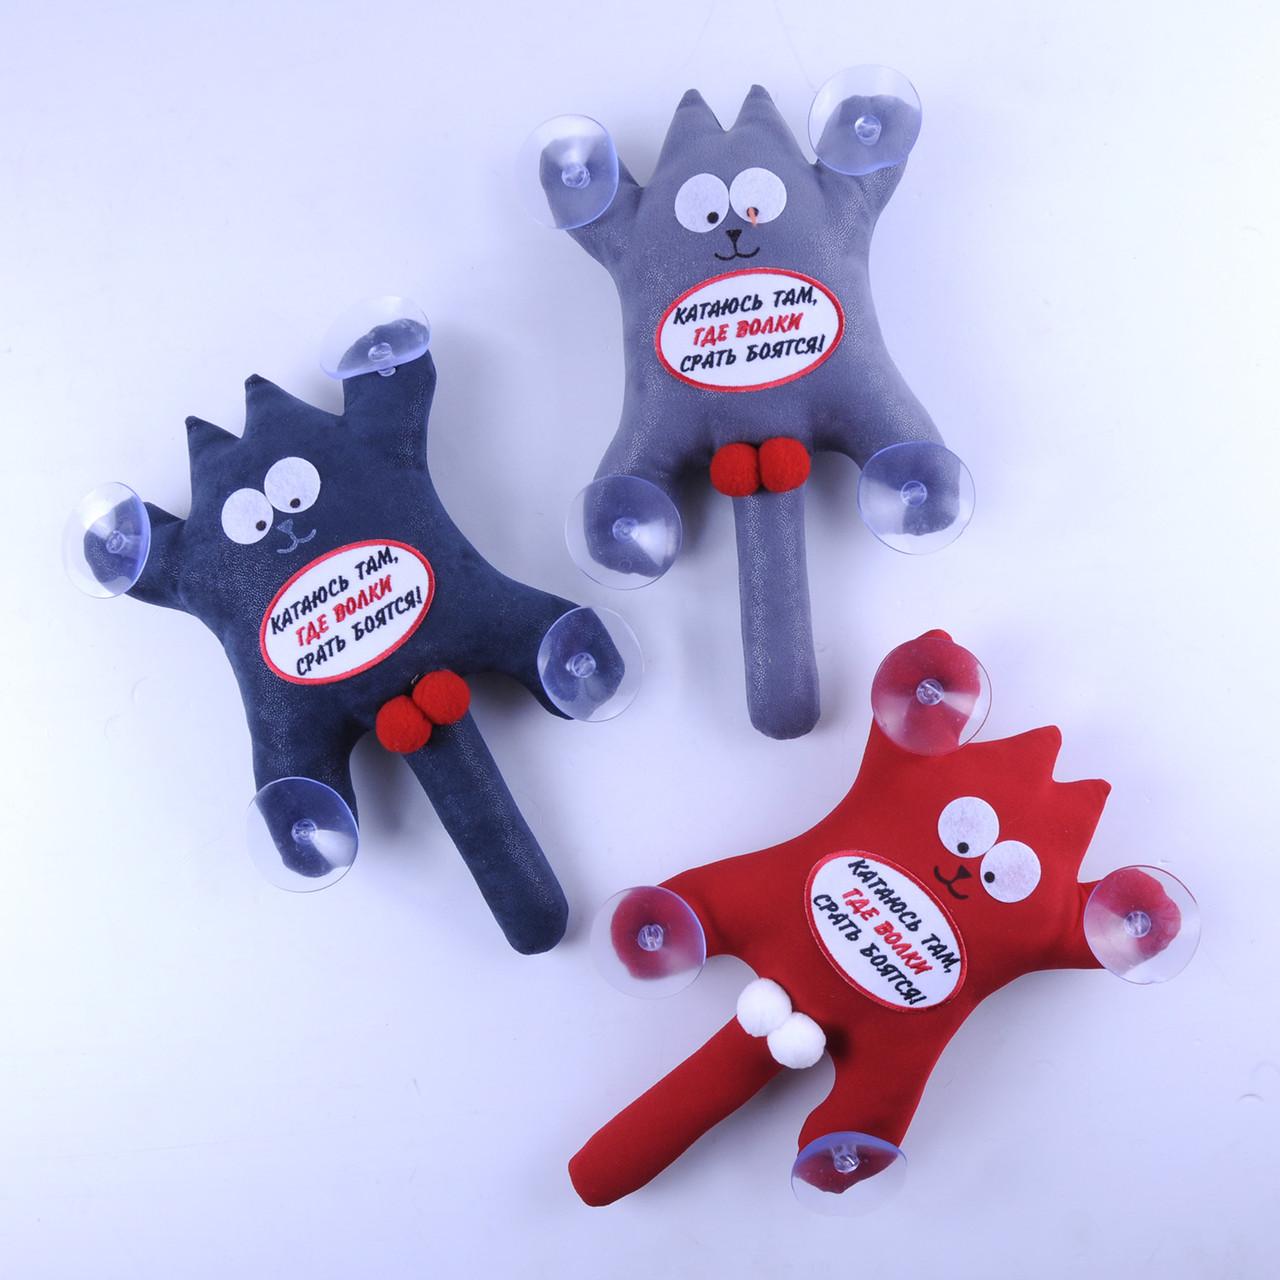 """Мягкая игрушка Кот Саймон с лого Катаюсь там, где волки С""""ать боялись!"""